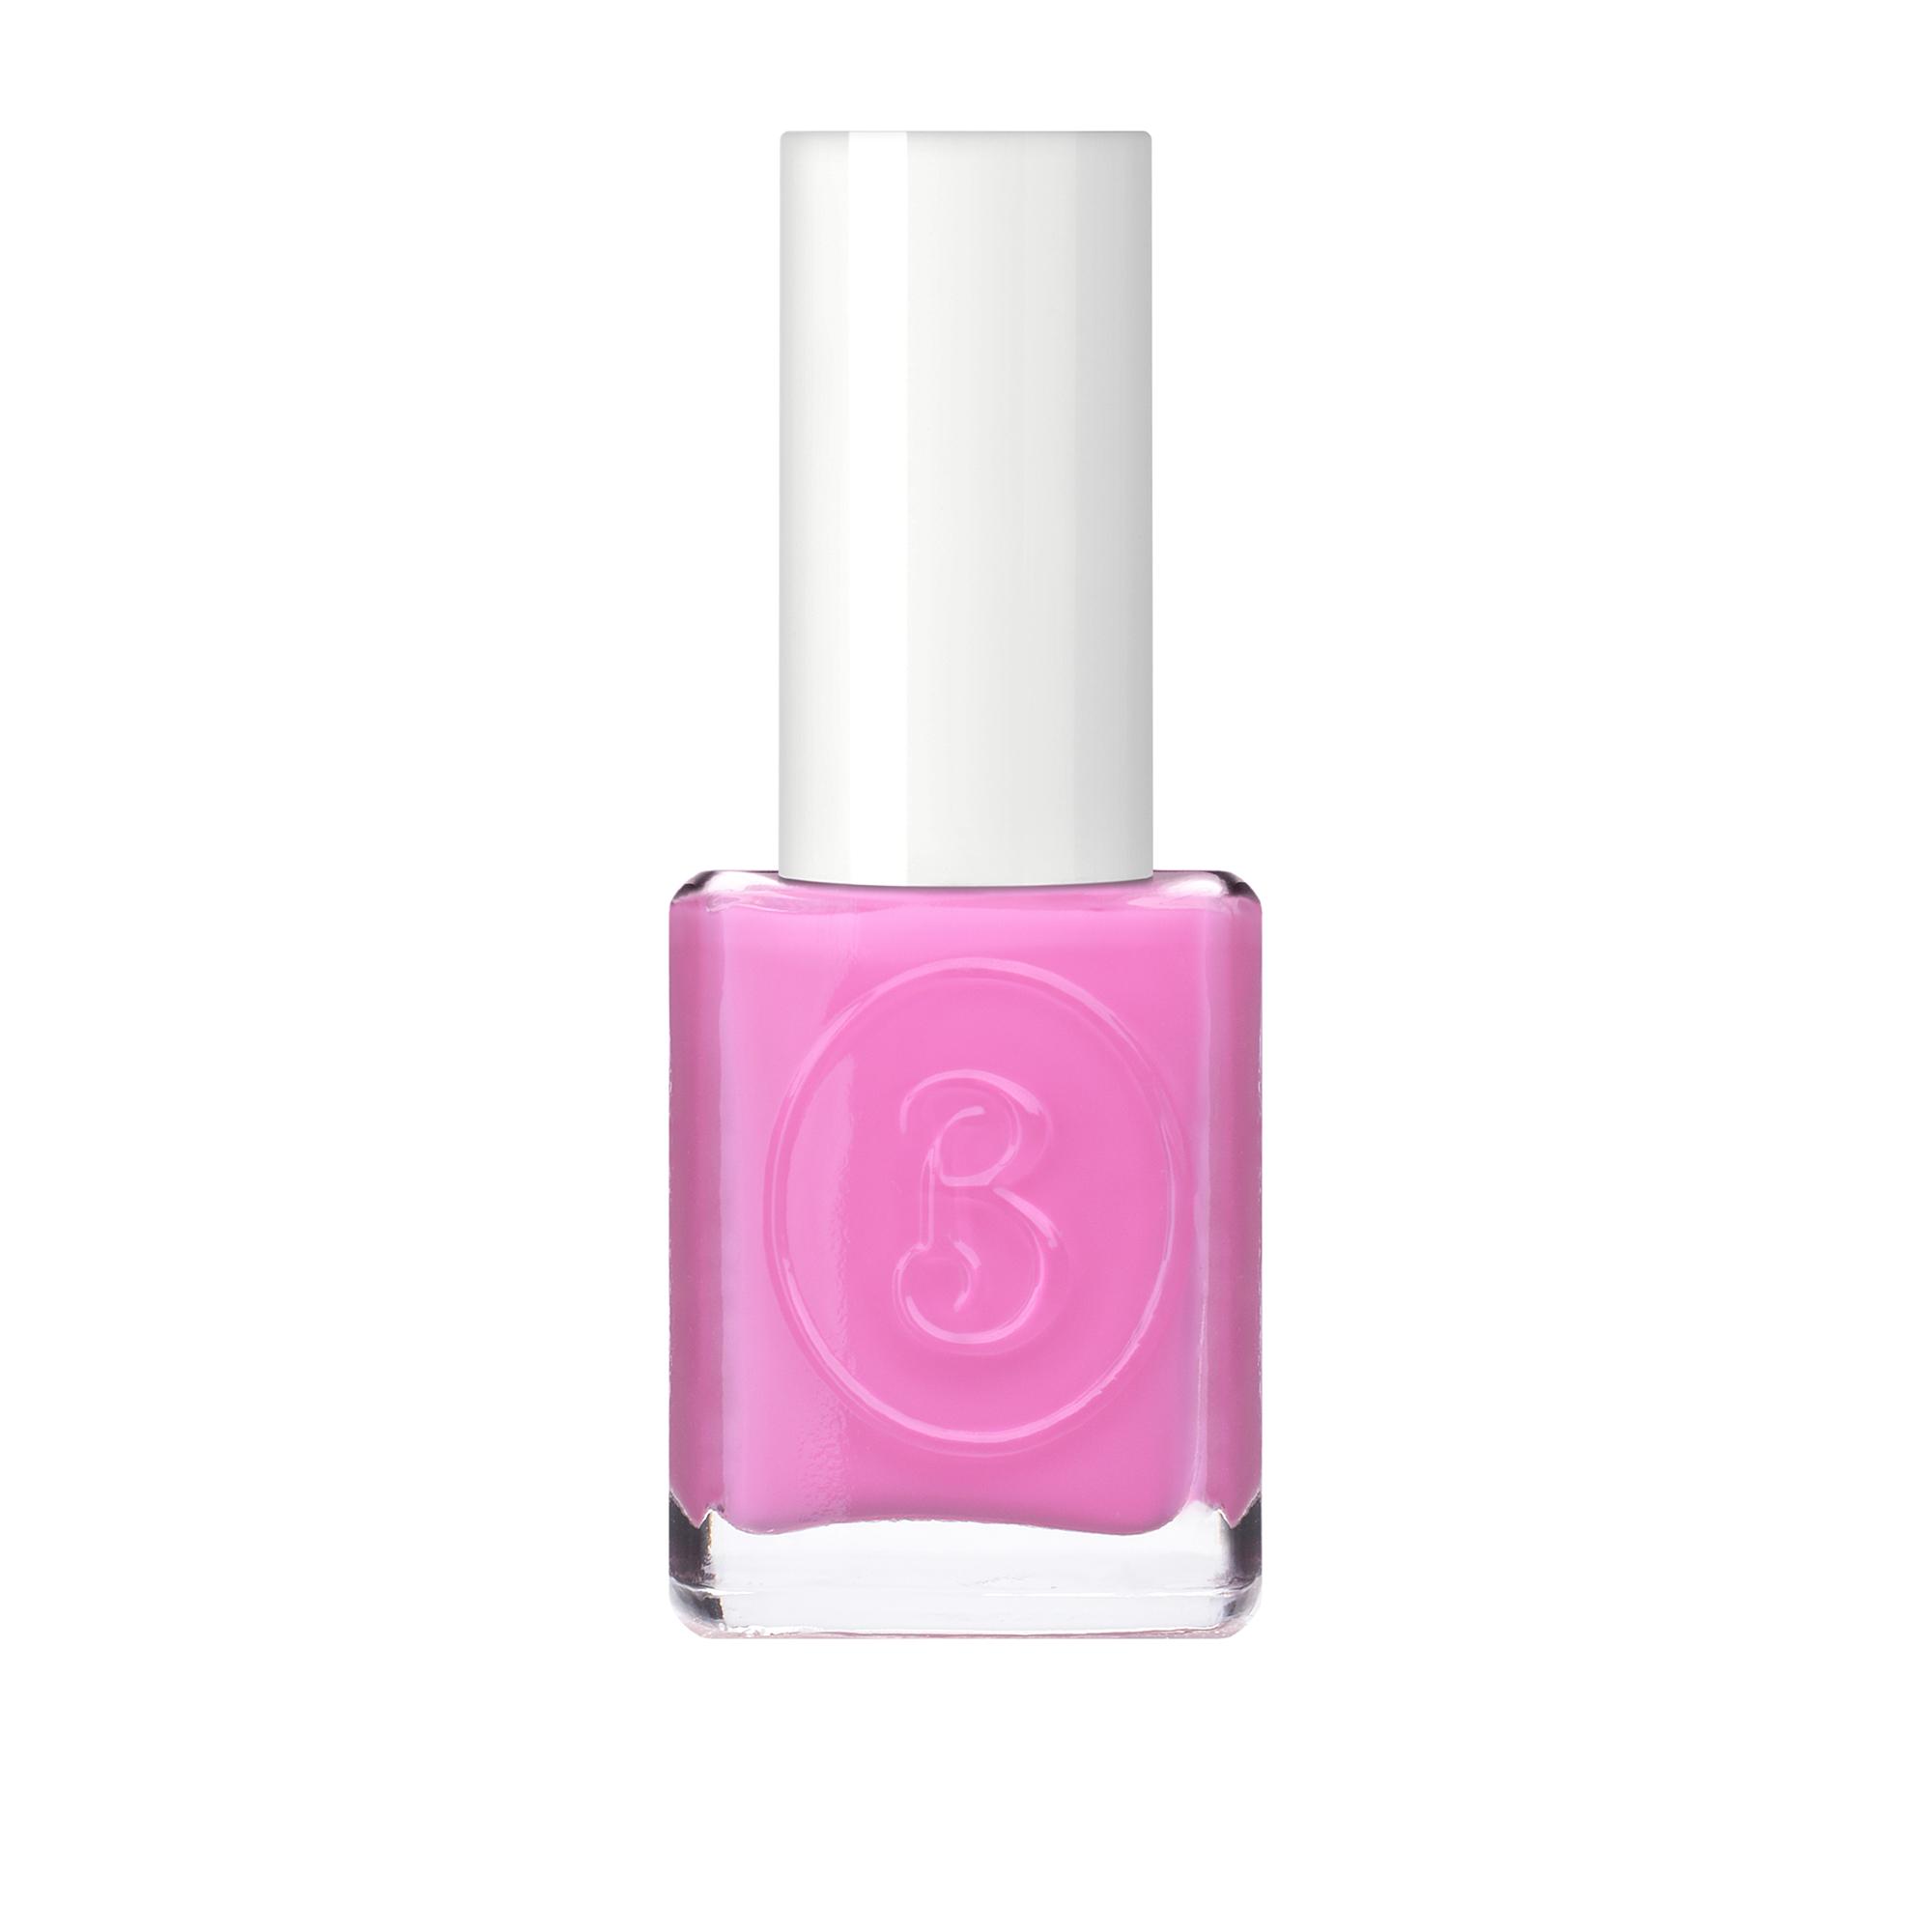 BERENICE Лак для ногтей светло розовый тон 16 light pink / BERENICE 16 млЛаки<br>Революционное открытие в области красоты ногтей на основе высоких швейцарских технологий    дышащий  лак для ногтей марки BERENICE. Он не оставит равнодушными ни мастеров маникюра, ни их клиентов. Этот лак содержит кислородный комплекс, который обеспечивает основное свойство лака   проницаемость воздуха и паров влаги в ноготь. Двойной пластификатор, содержащийся в составе, делает покрытие более гибким, продлевает стойкость маникюра, защищая от сколов и повреждений. Лак равномерно наносится и быстро сохнет. Профессиональная плоская кисточка обеспечивает идеальное прилегание к поверхности ногтя и нанесение лака.&amp;nbsp; Кислородный лак BERENICE   это здоровая альтернатива, традиционным лакам, блокирующим прохождение кислорода и влаги в ноготь. Система 5 free, в составе отсутствуют вредные компоненты такие как толуол, ДБП, формальдегидные смолы, фталаты и камфора.&amp;nbsp; Активные ингредиенты: смолы нового поколения, UV-фильтры<br><br>Цвет: Розовые